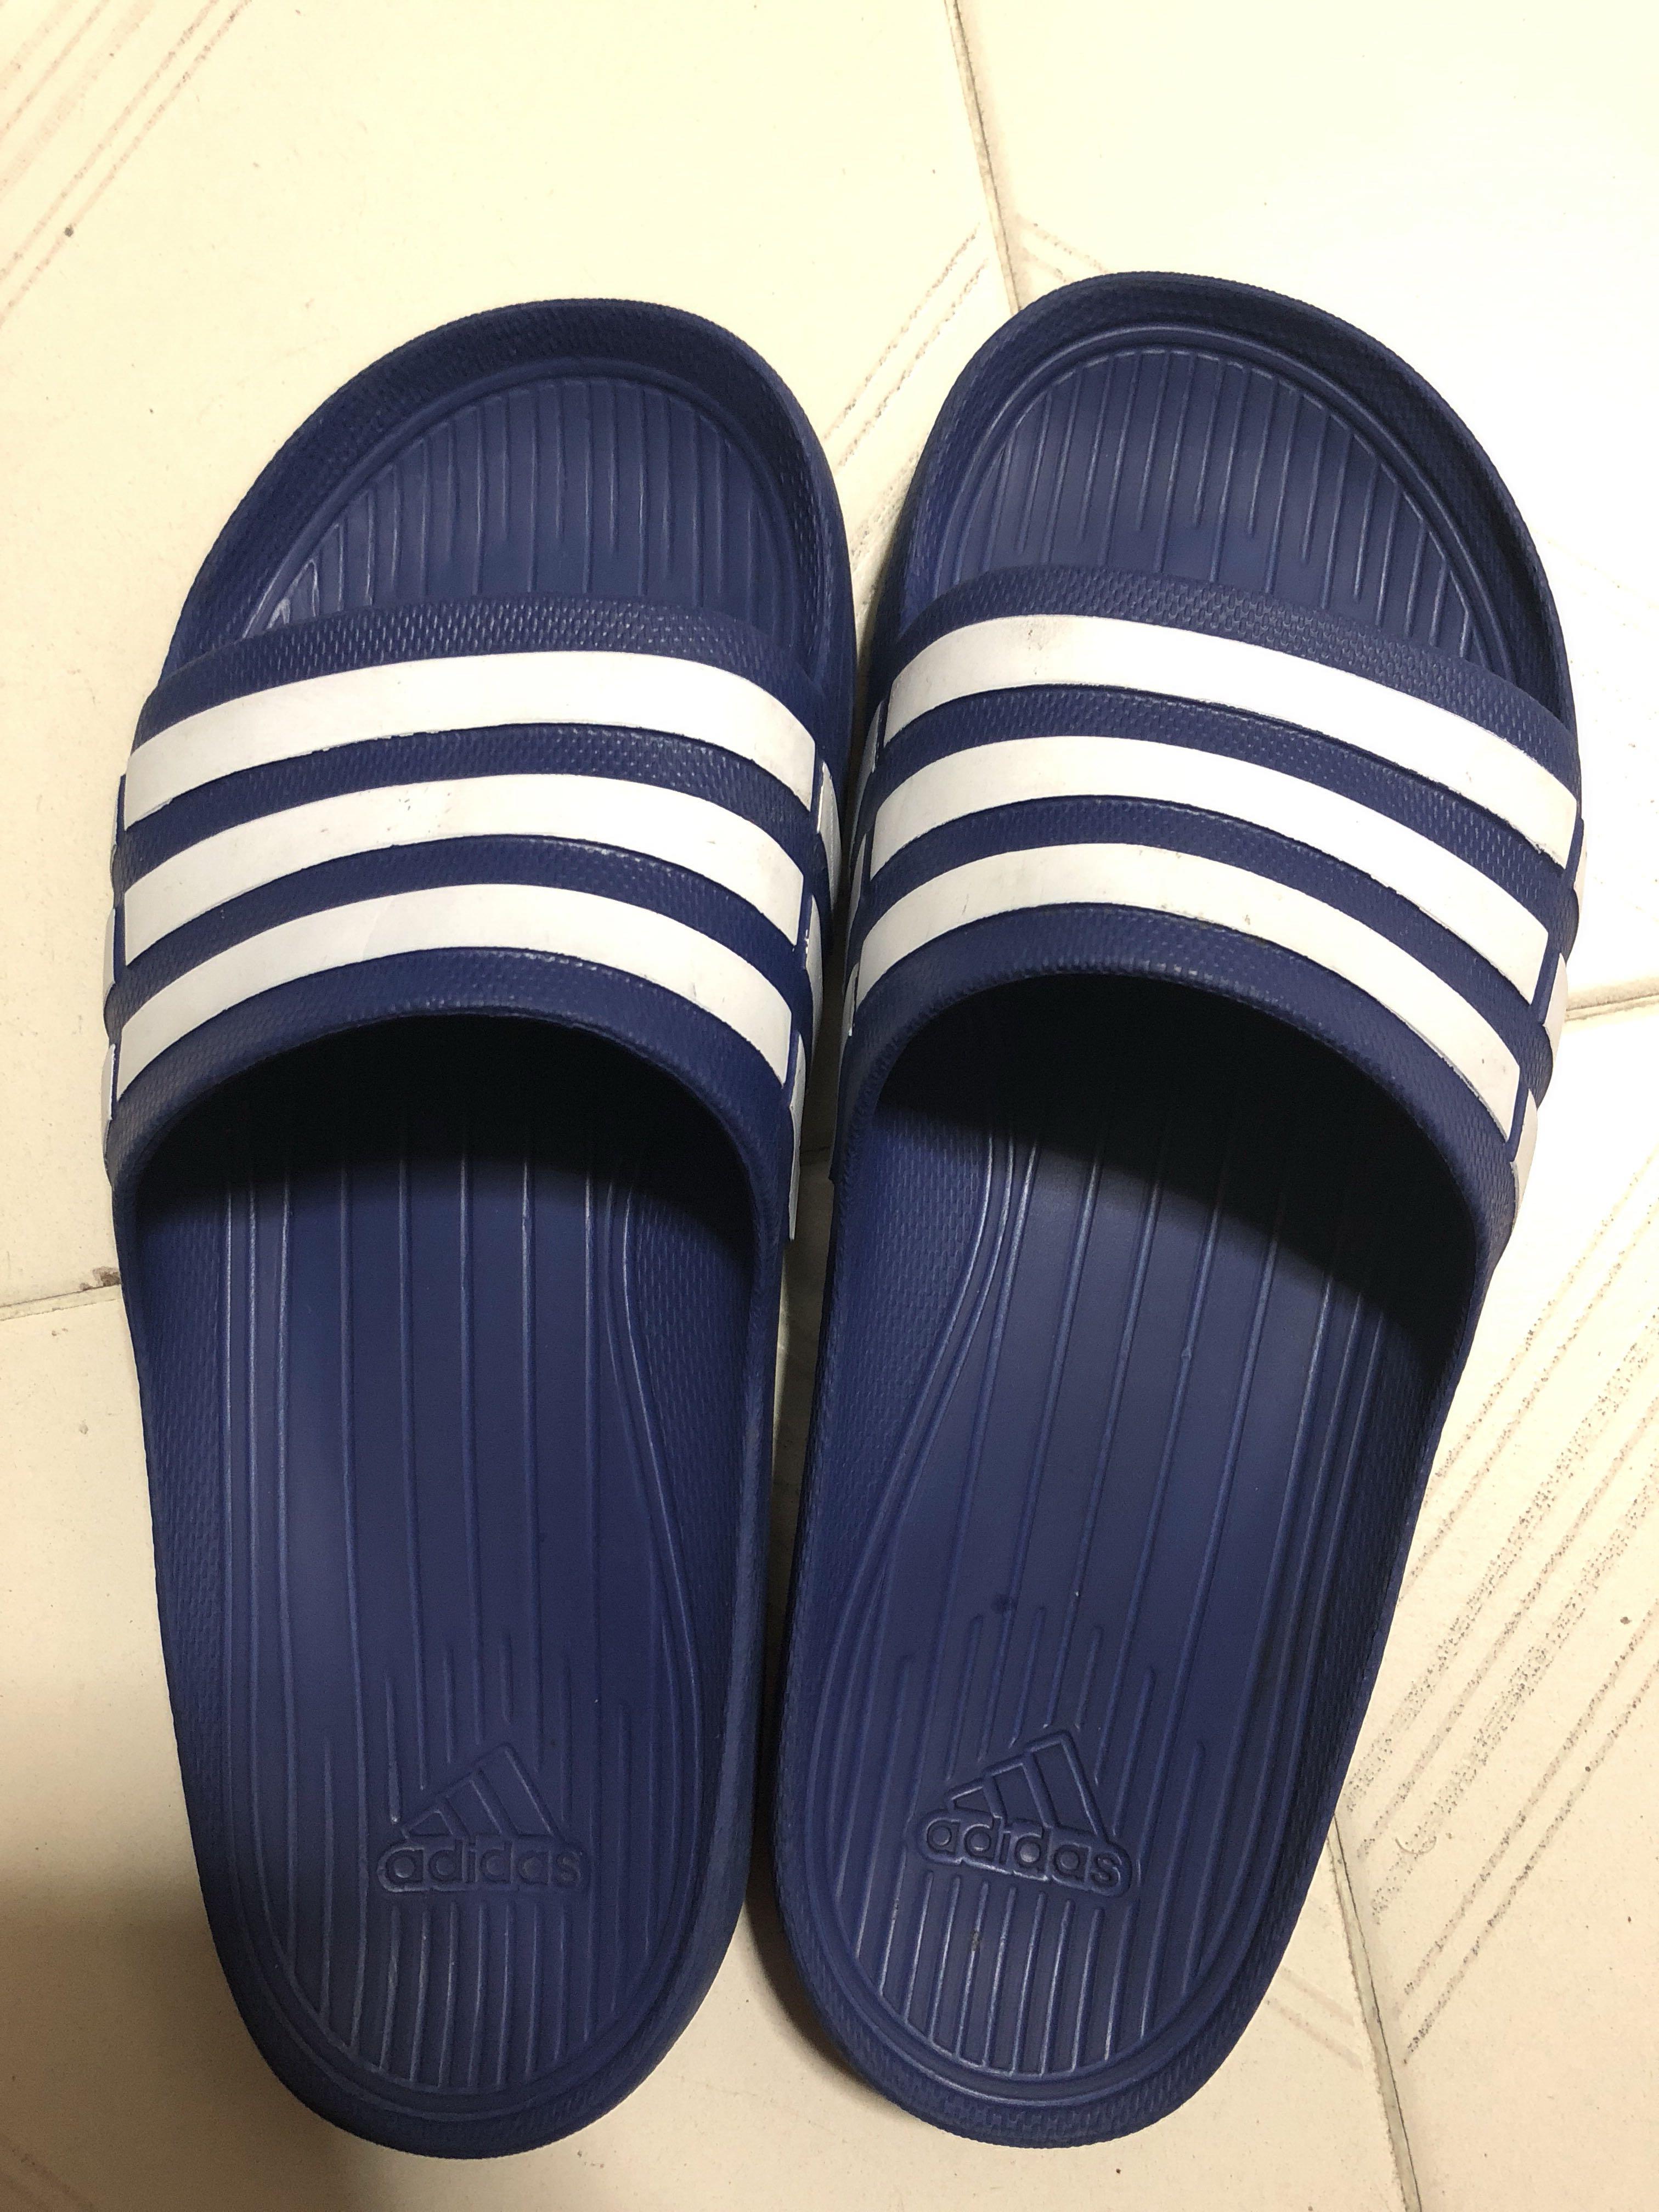 abd81173888 Adidas Duramo Slides (Blue White)